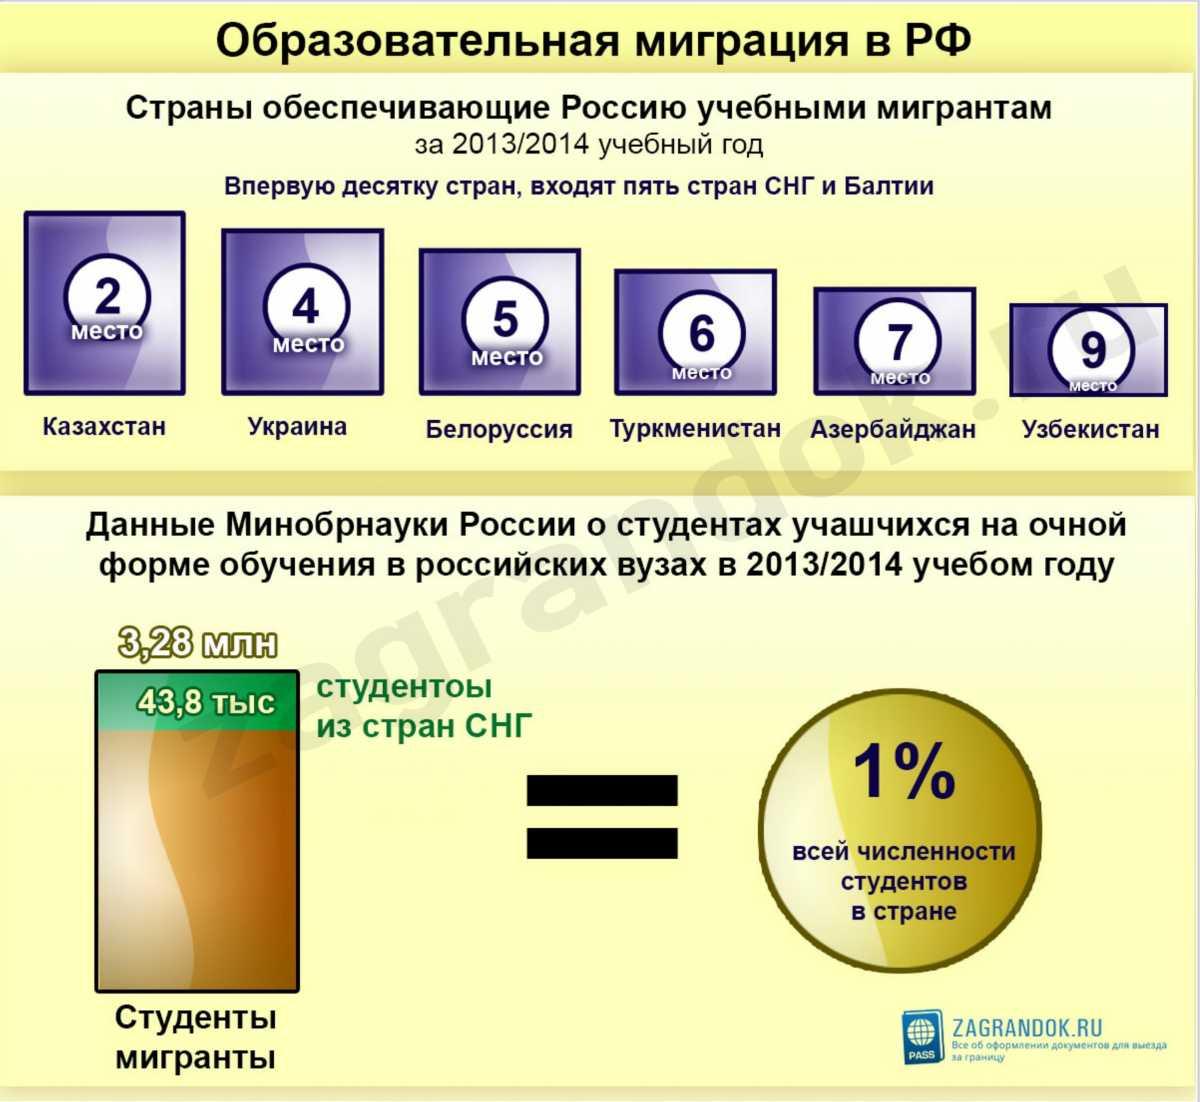 Образовательная миграция в РФ